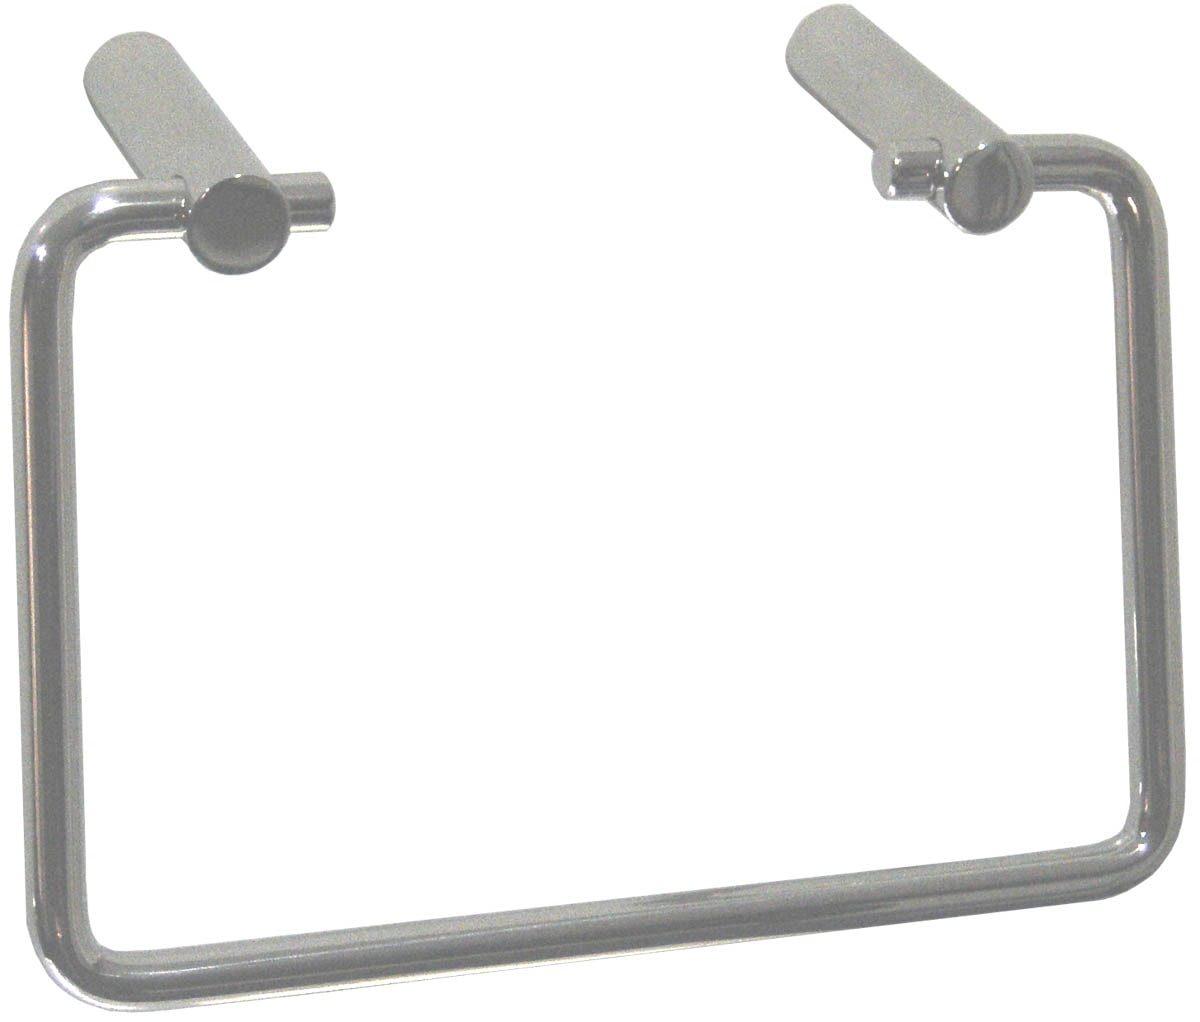 Handduksring i rostfritt stål (AISI 304) - Rektangulär